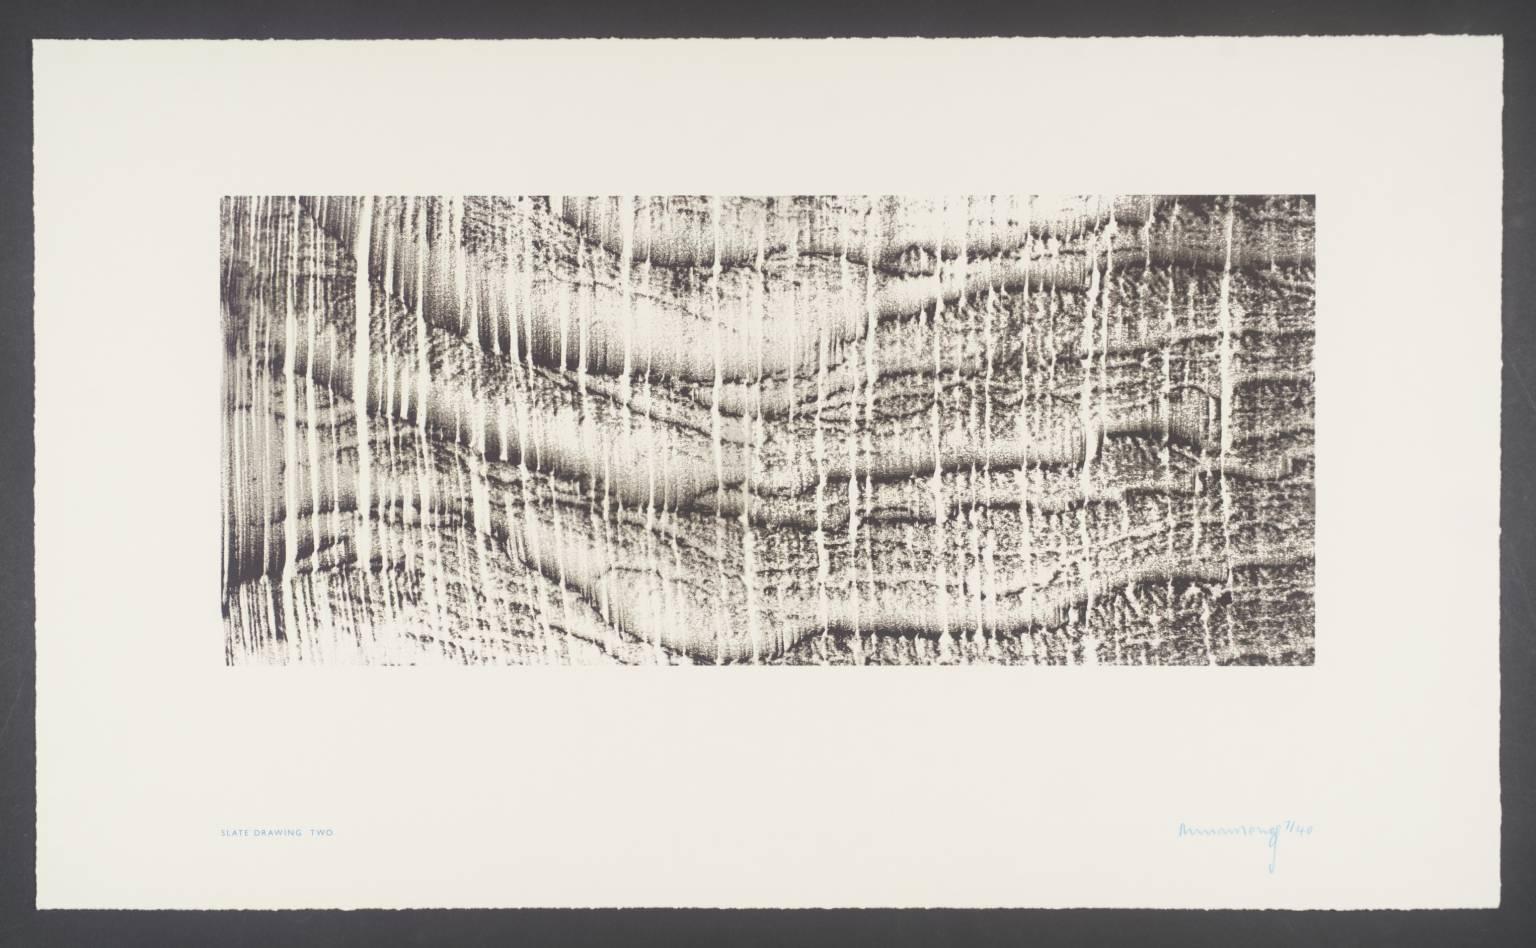 1536x948 Slate Drawing Two', Richard Long, 2002 Tate